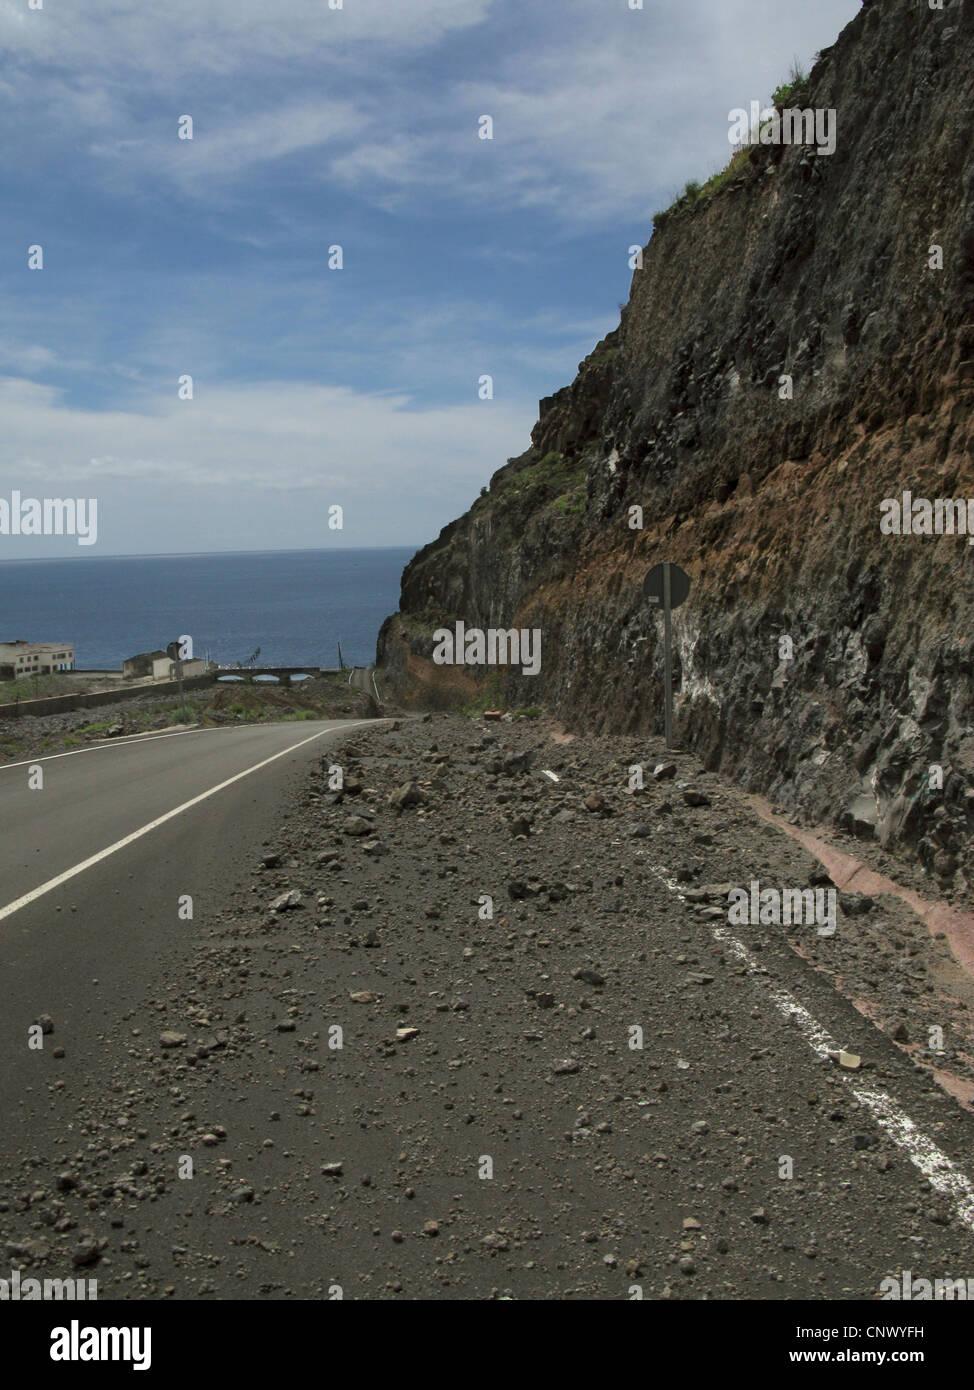 Envío de piedra en una calle de nueva construcción en el valle de La Dama en el Barranco de la Rajita, Imagen De Stock